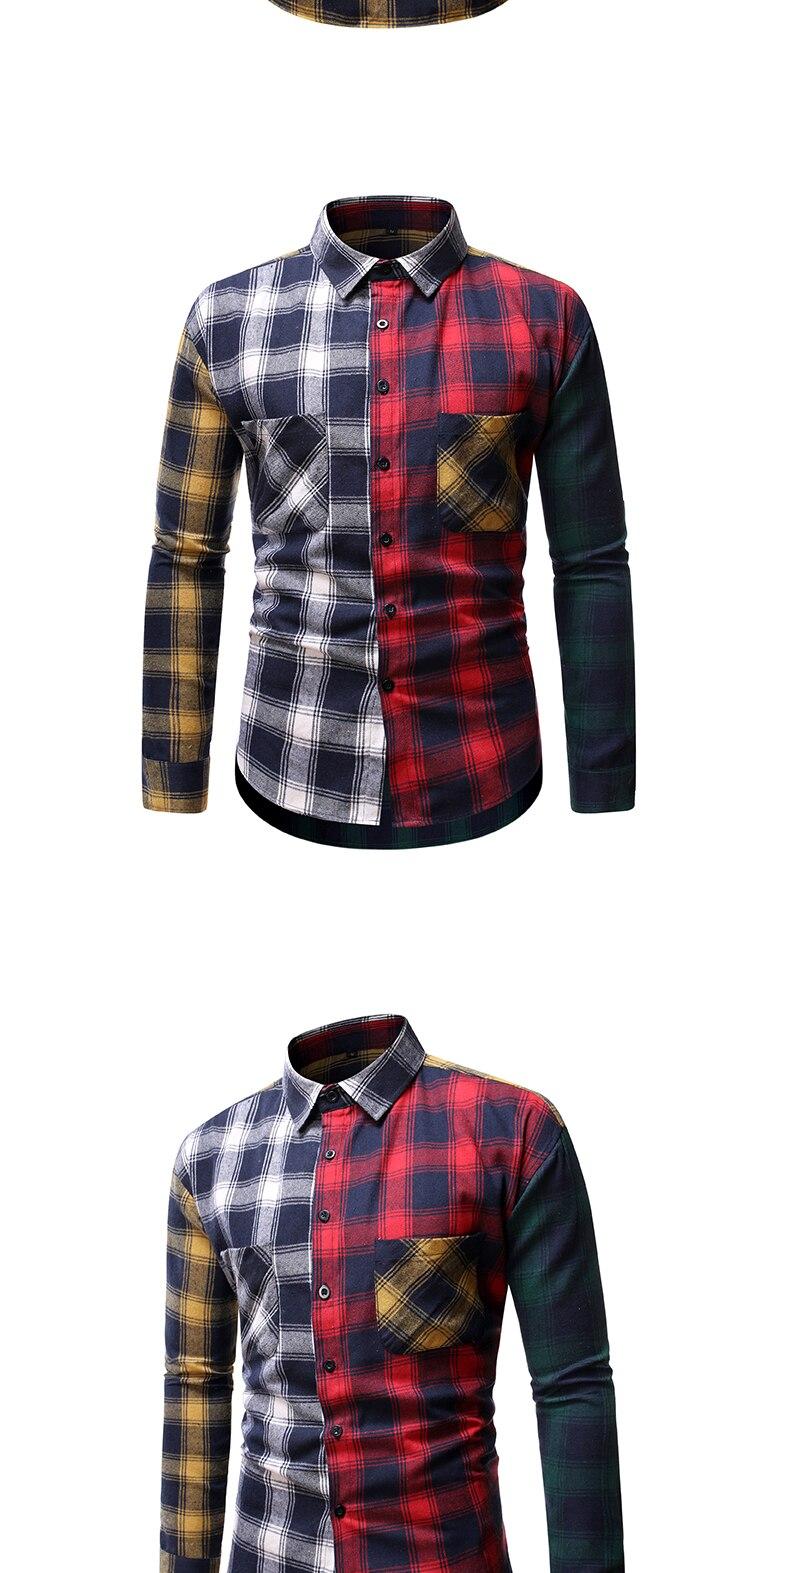 camisa de algodão dos homens da forma